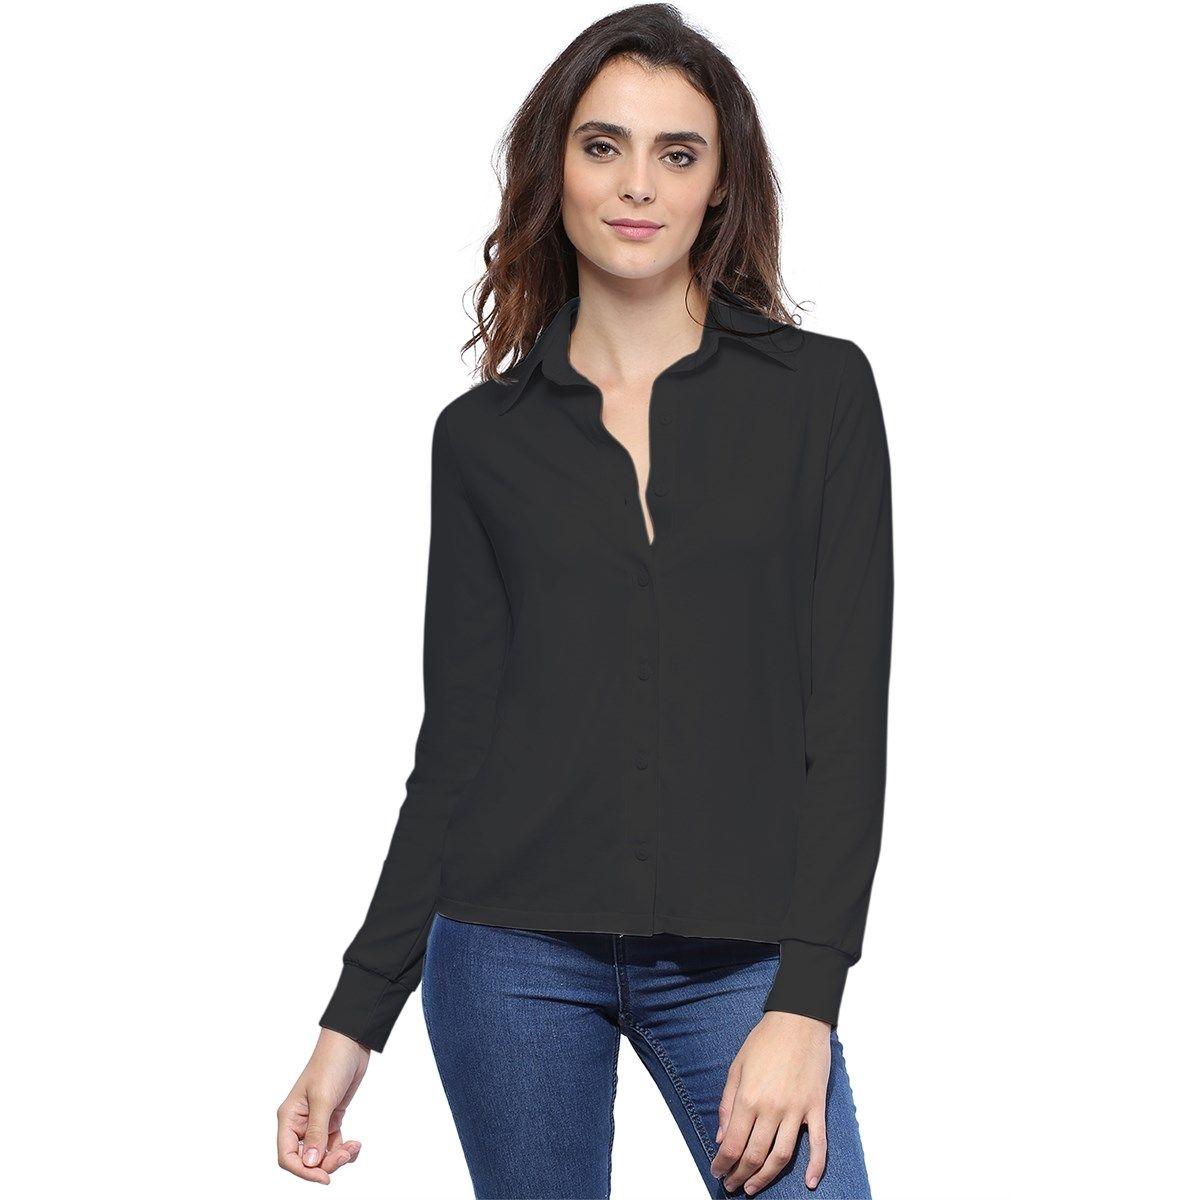 Chemise coupe droite manches longues avec poignet en maille modal SELEN